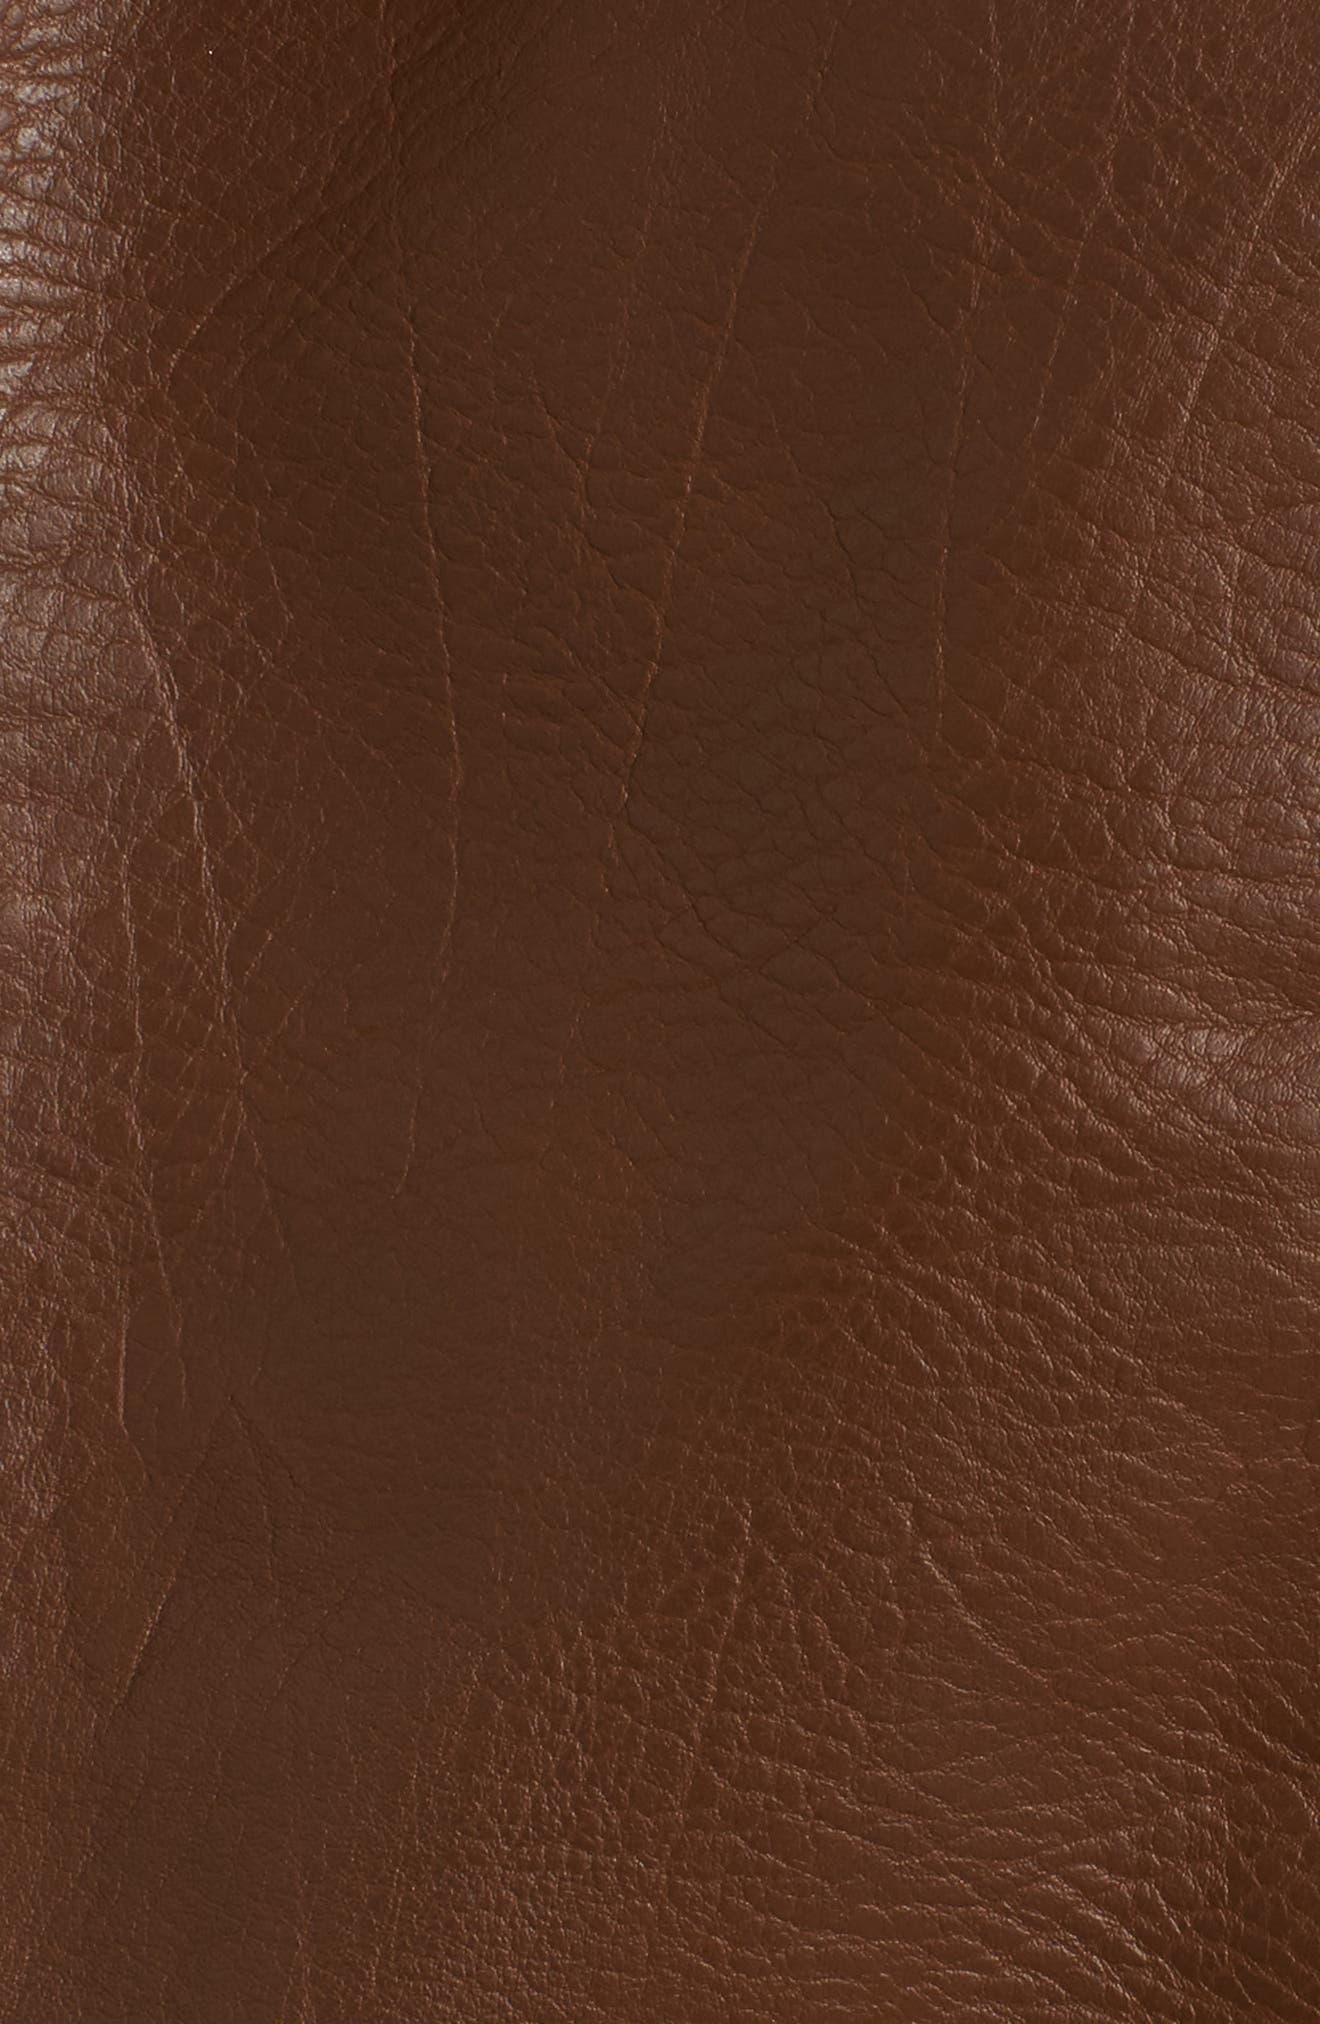 Faux Leather Moto Jacket,                             Alternate thumbnail 7, color,                             COGNAC